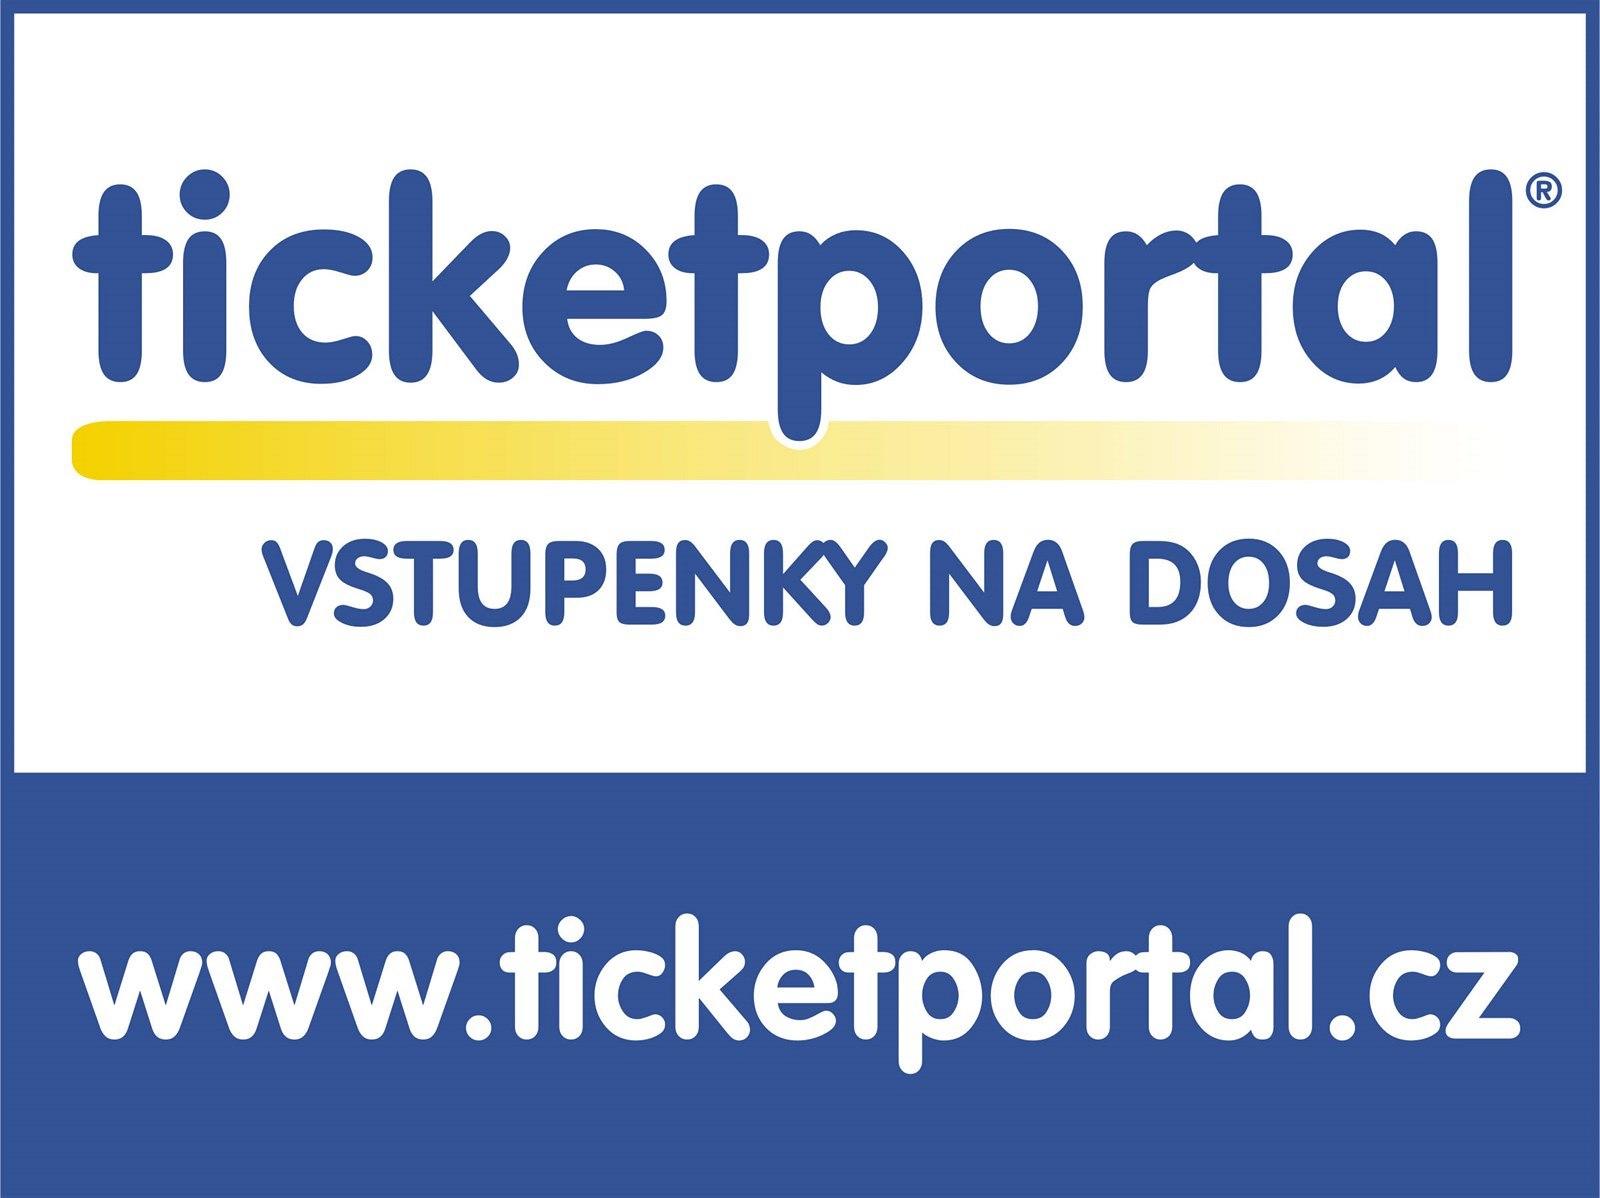 Výsledek obrázku pro ticket portal logo